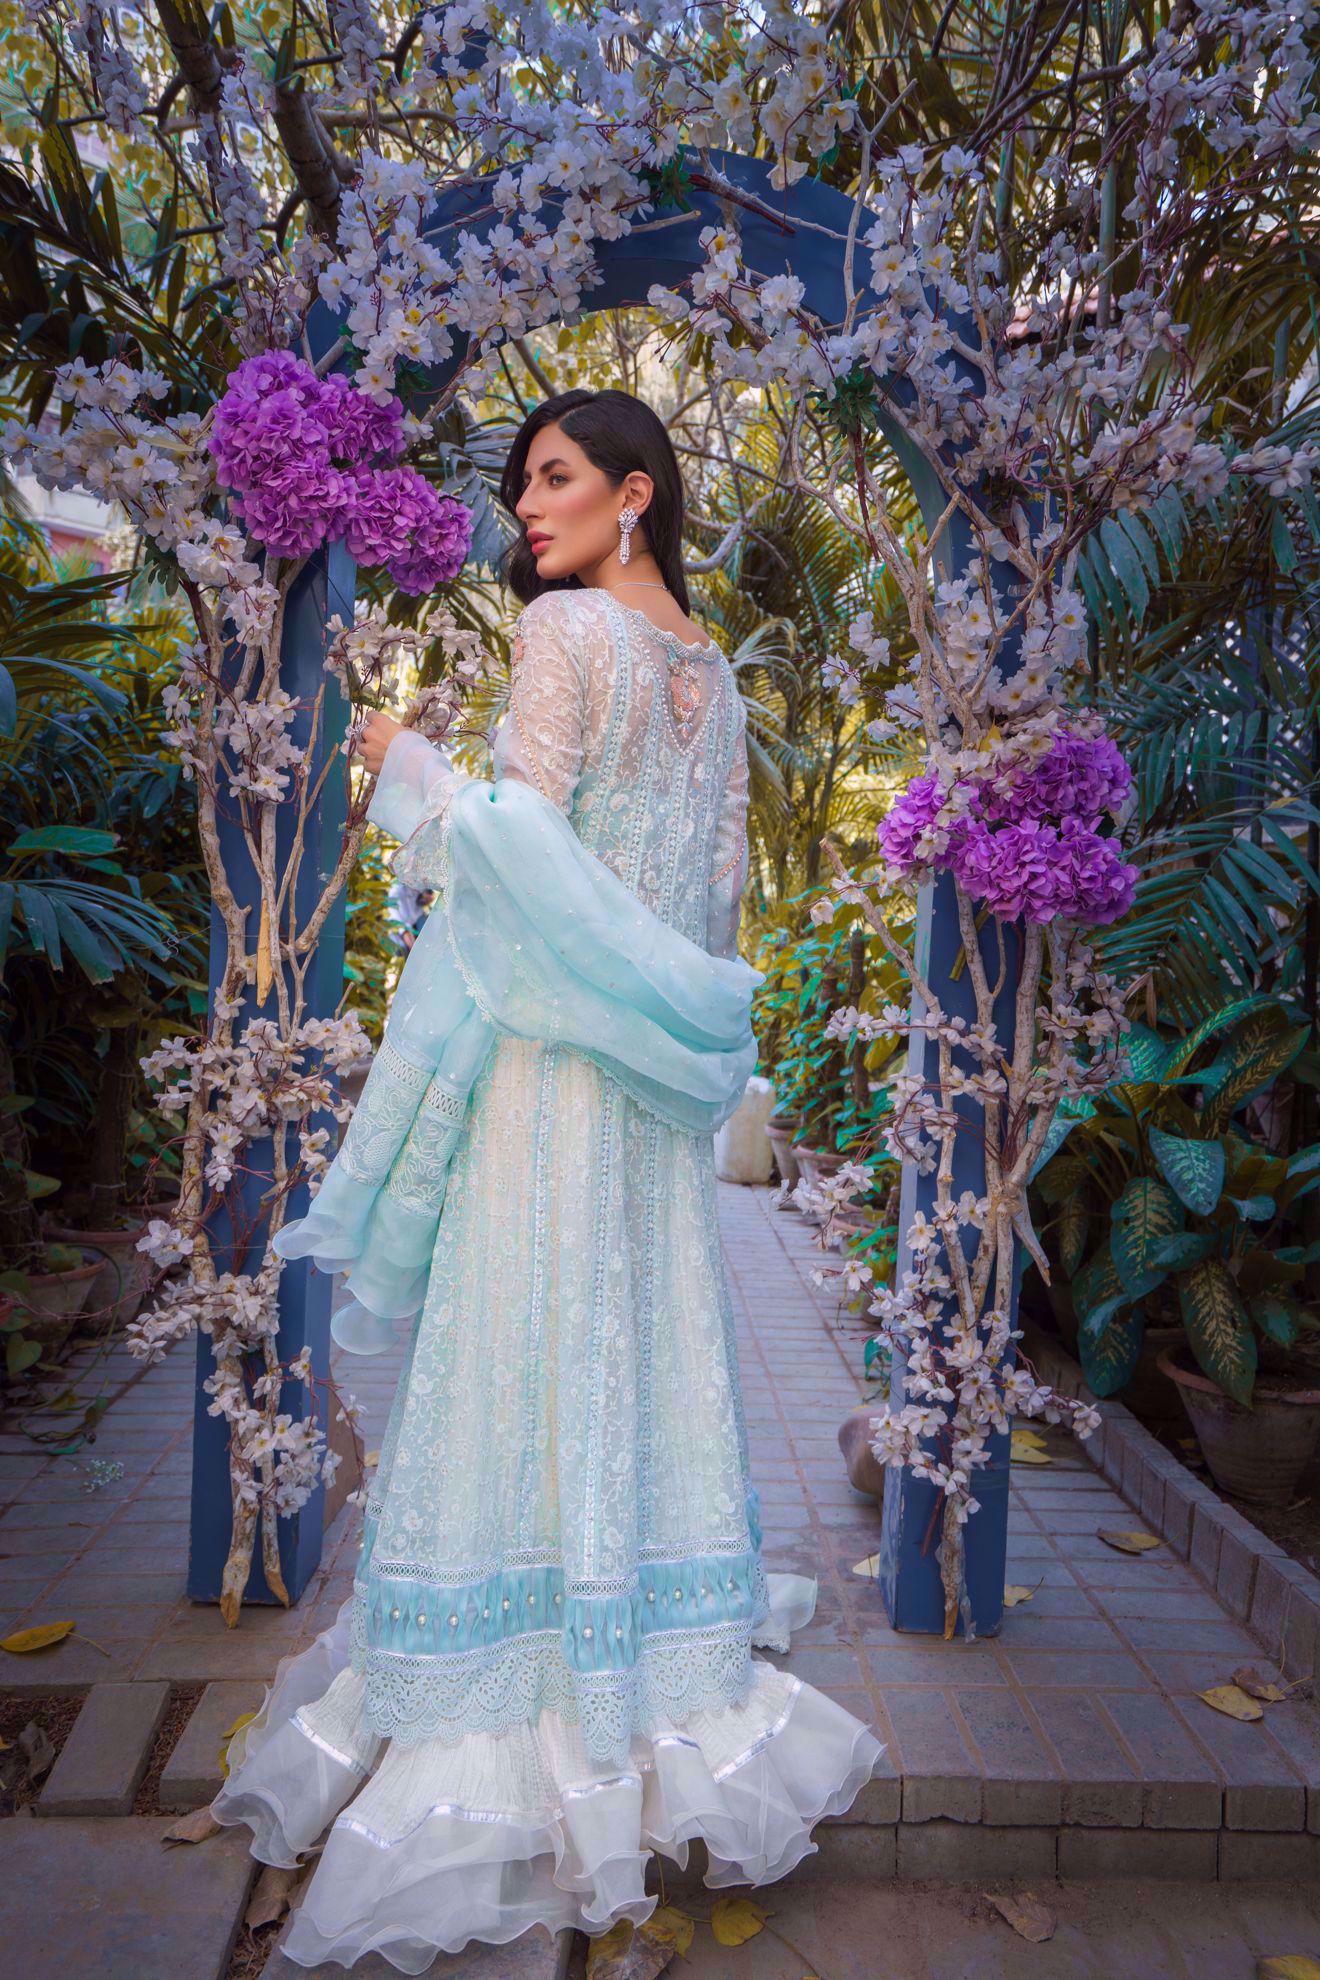 Picture of Alaziah, Jade WHite Chikankari Angarkha